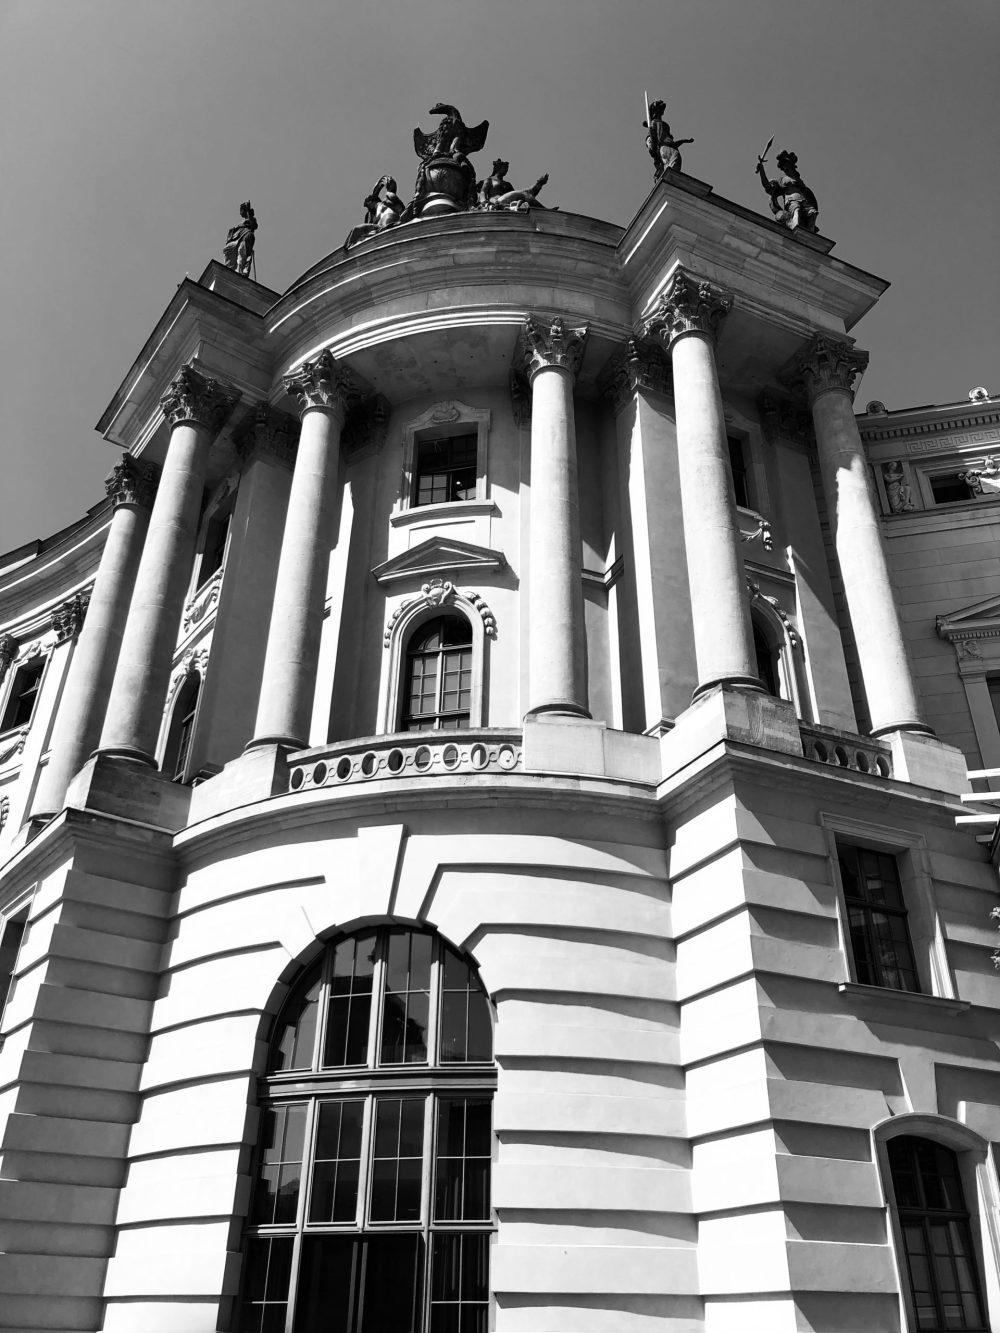 Ausschnitt der Juristischen Fakultät Humboldt, in Berlin